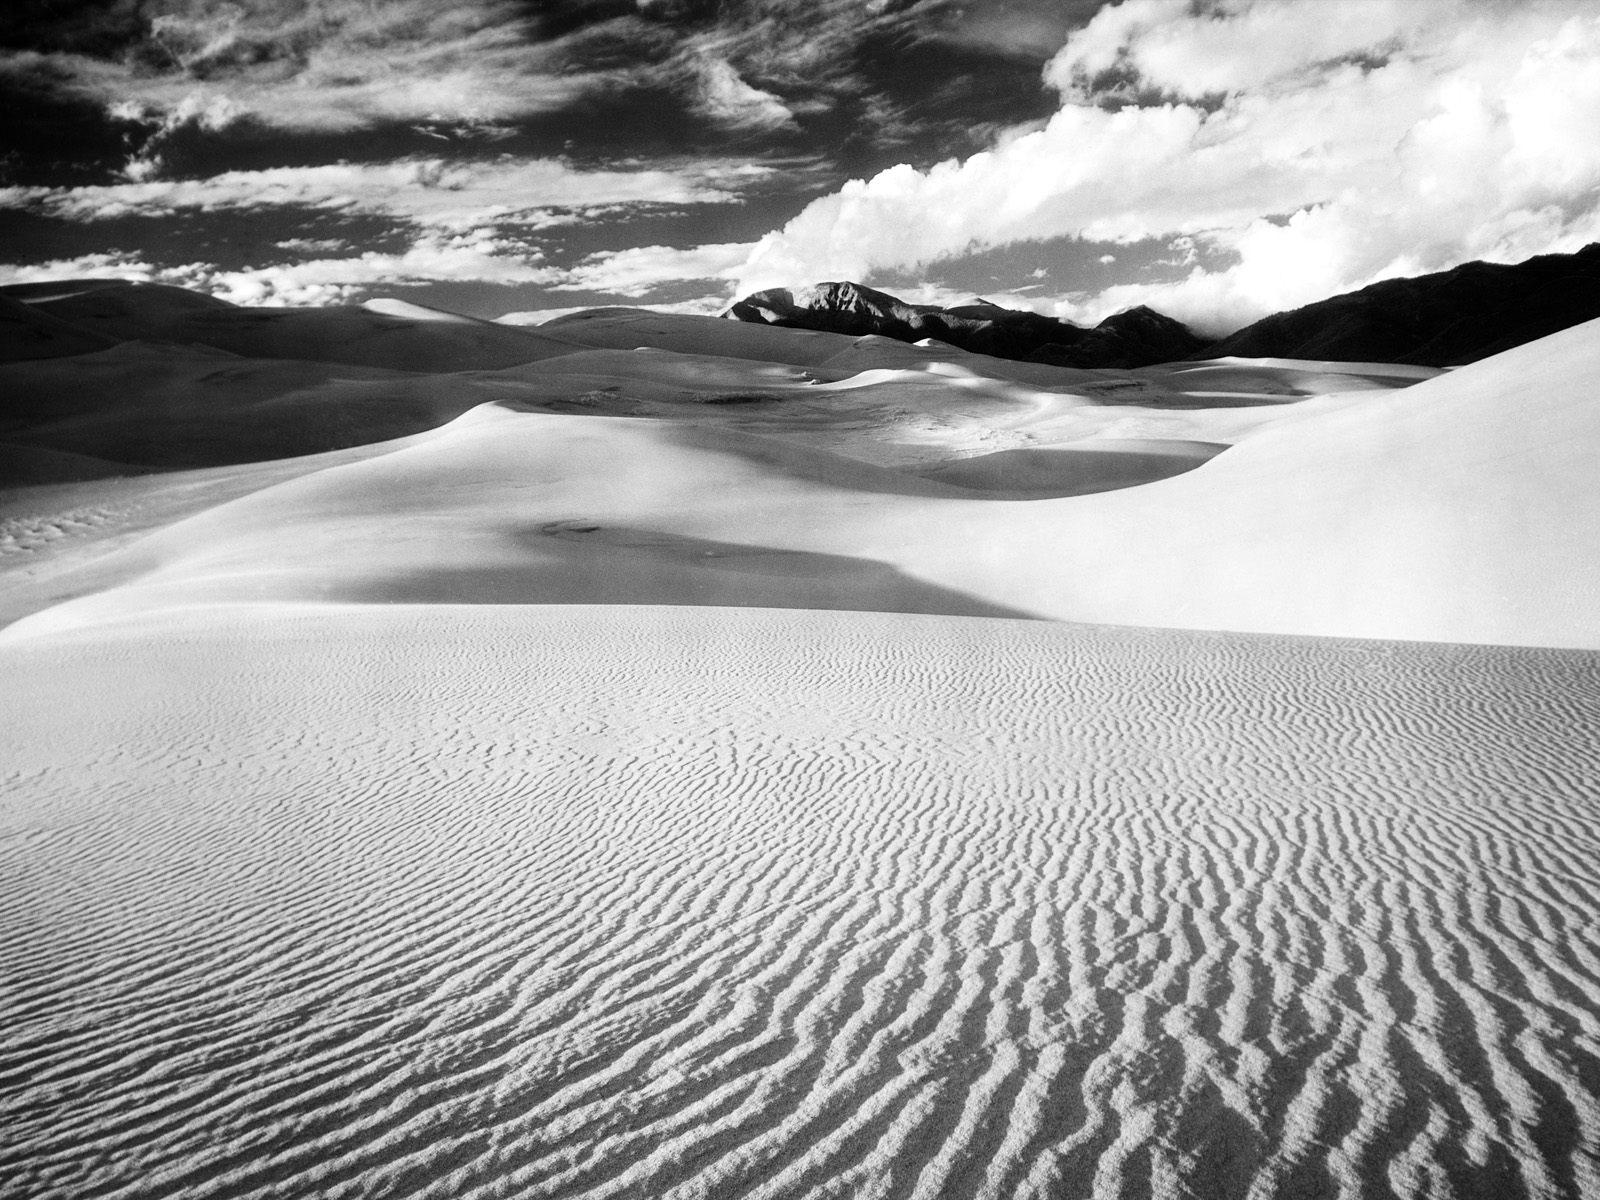 desert_sand_dunes_lines_mountains_black_and_white-775235.jpg!d